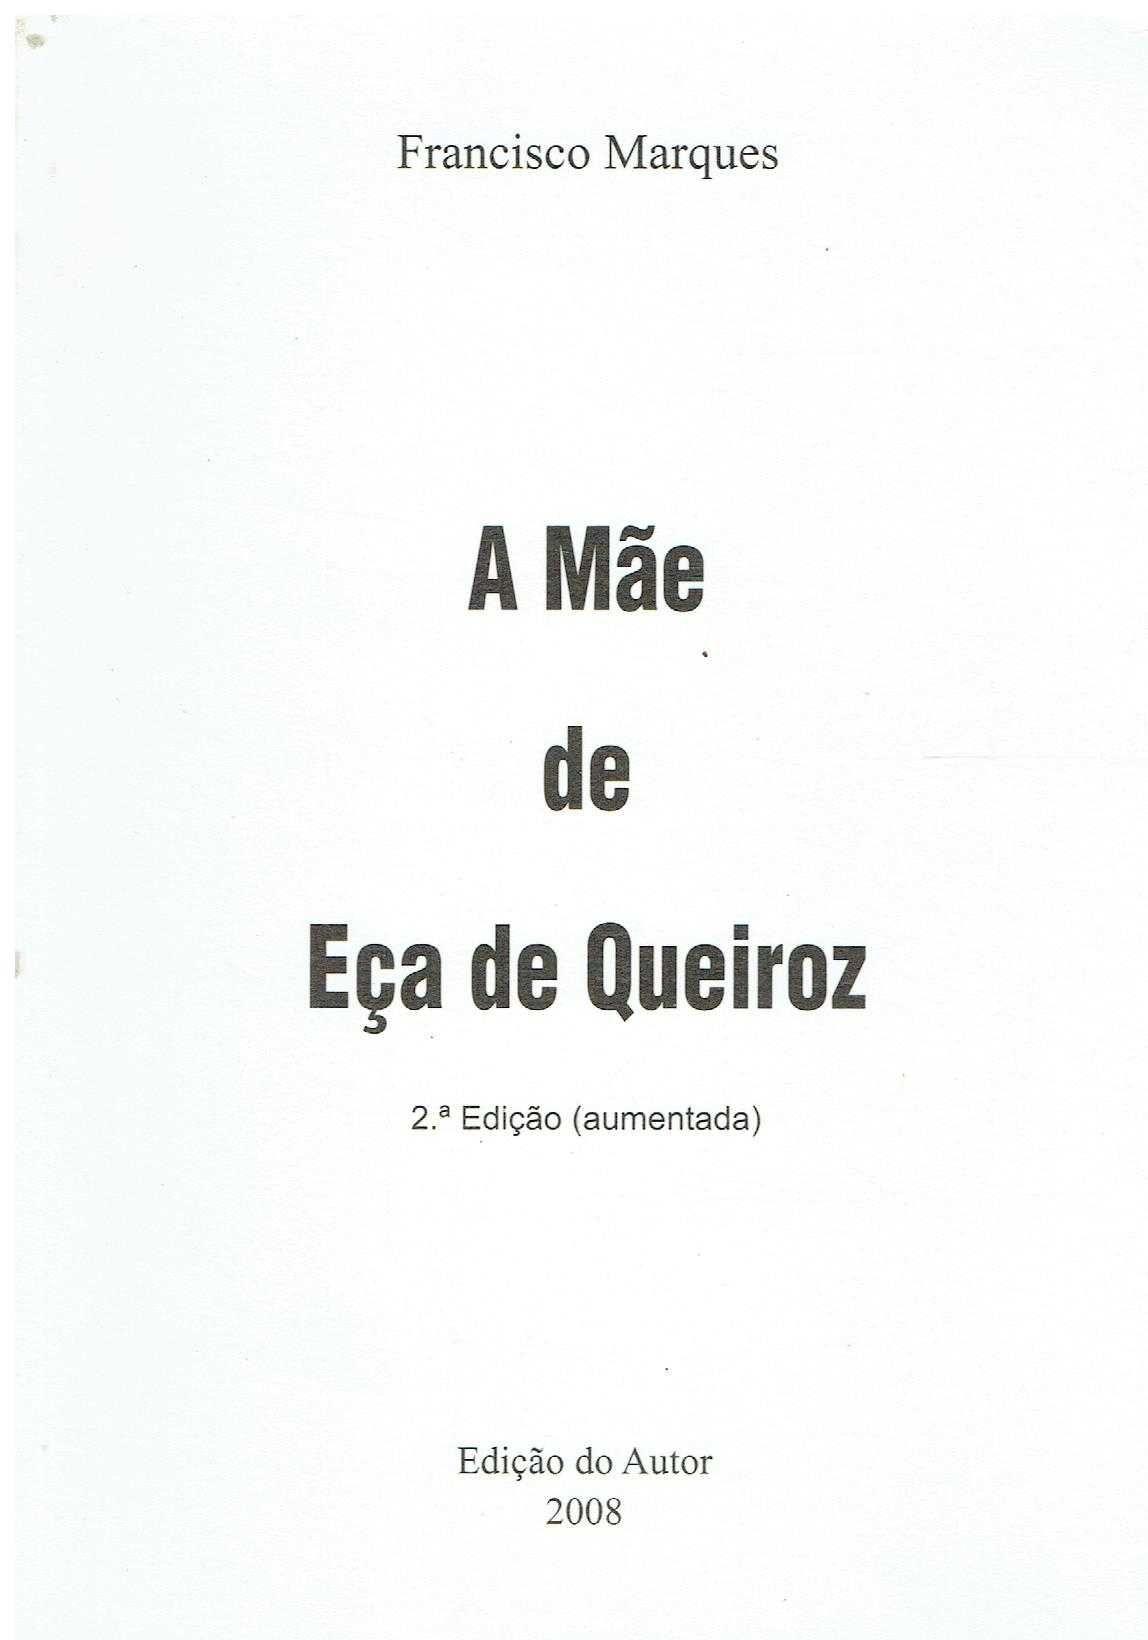 11666  A Mãe de Eça de Queiroz por Francisco Marques